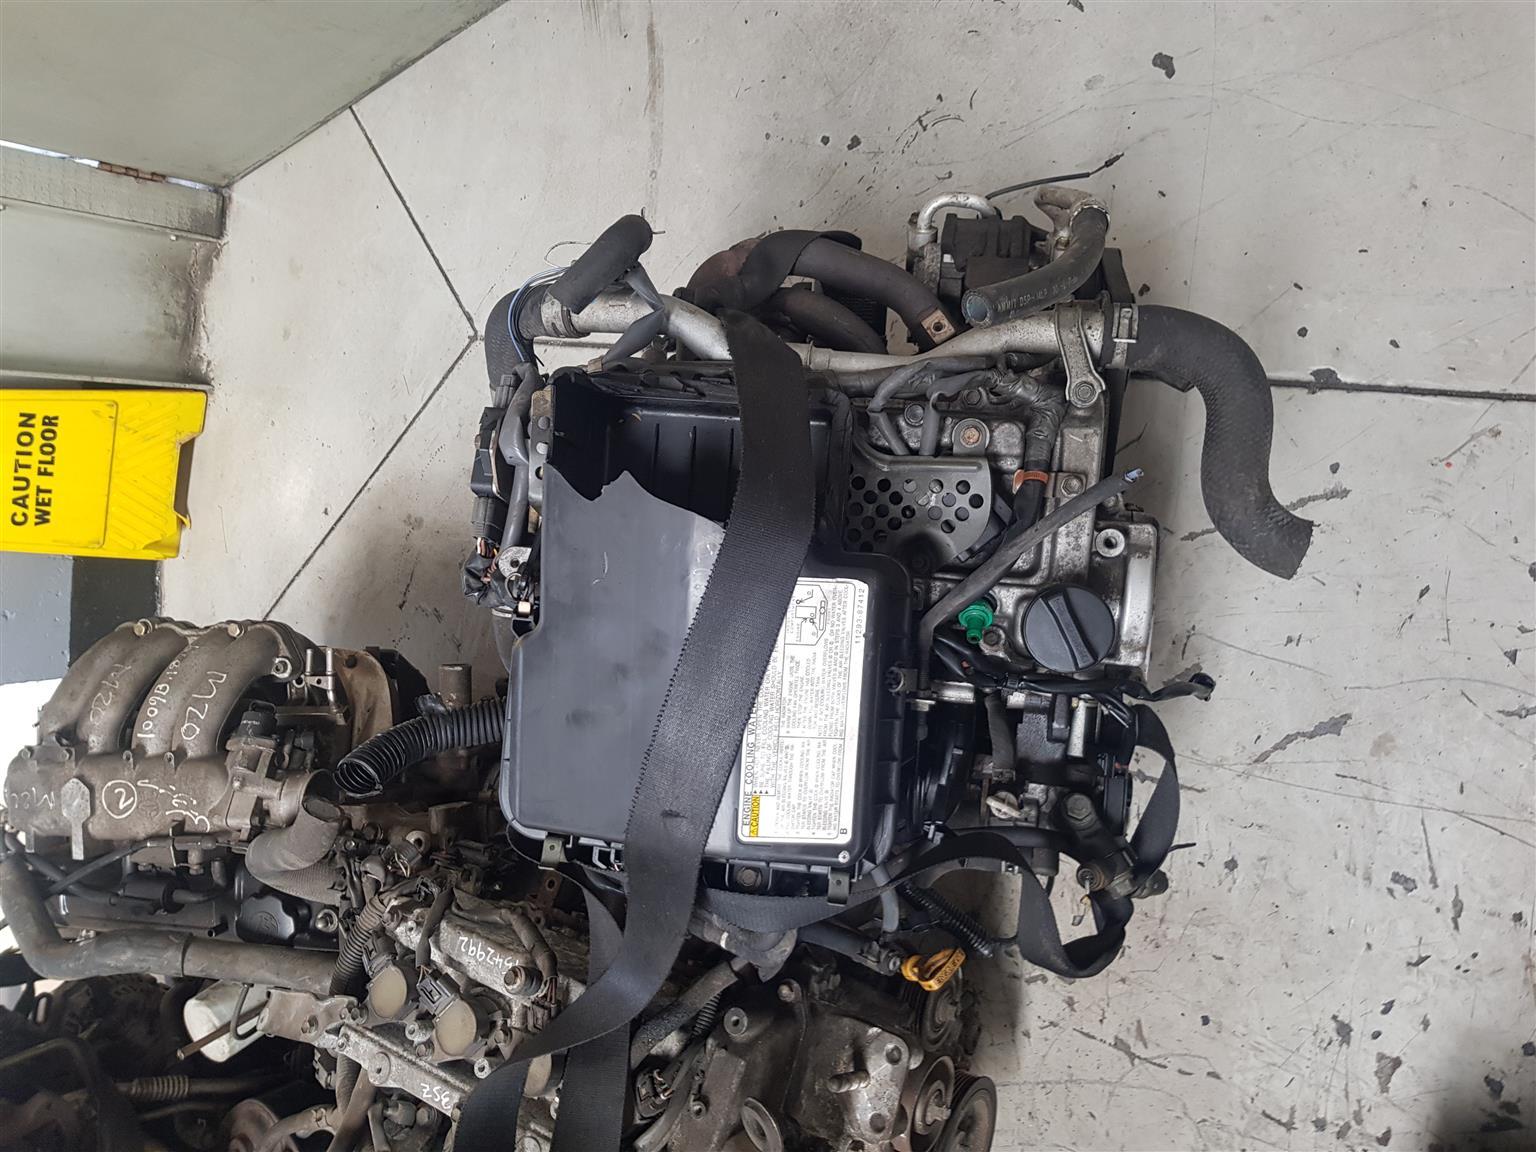 K3 AVANZA 1.3 REAR WHEEL DRIVE ENGINE FOR SALE